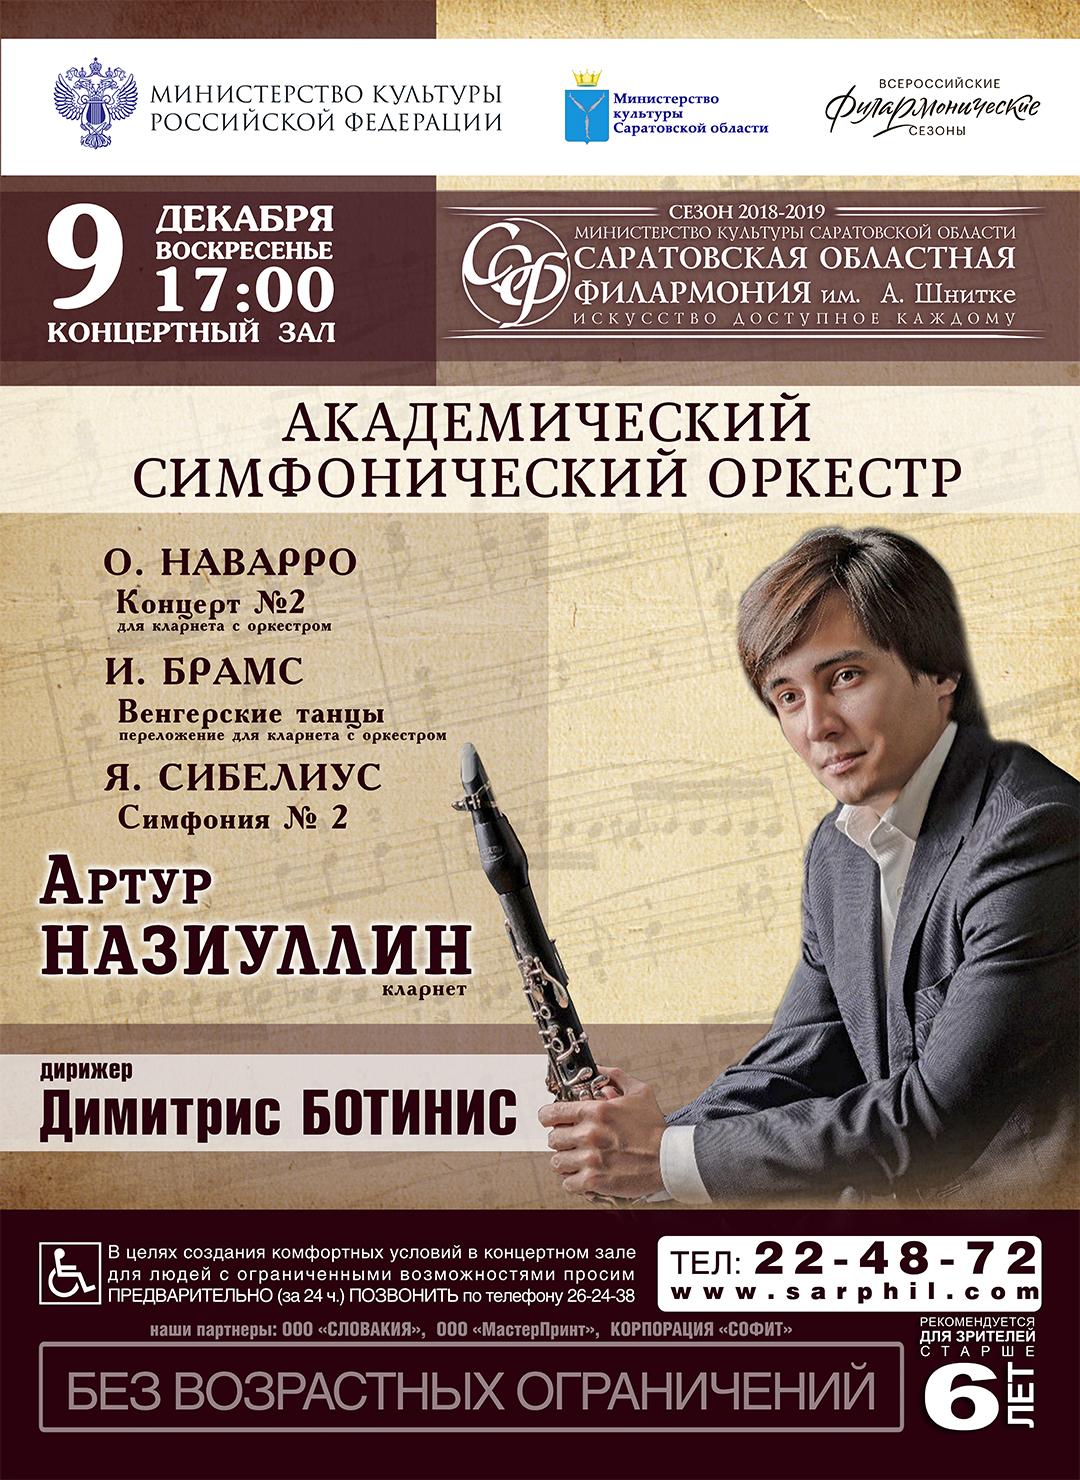 2018-12-09 АСО НАЗИУЛИН,БОТИНИС